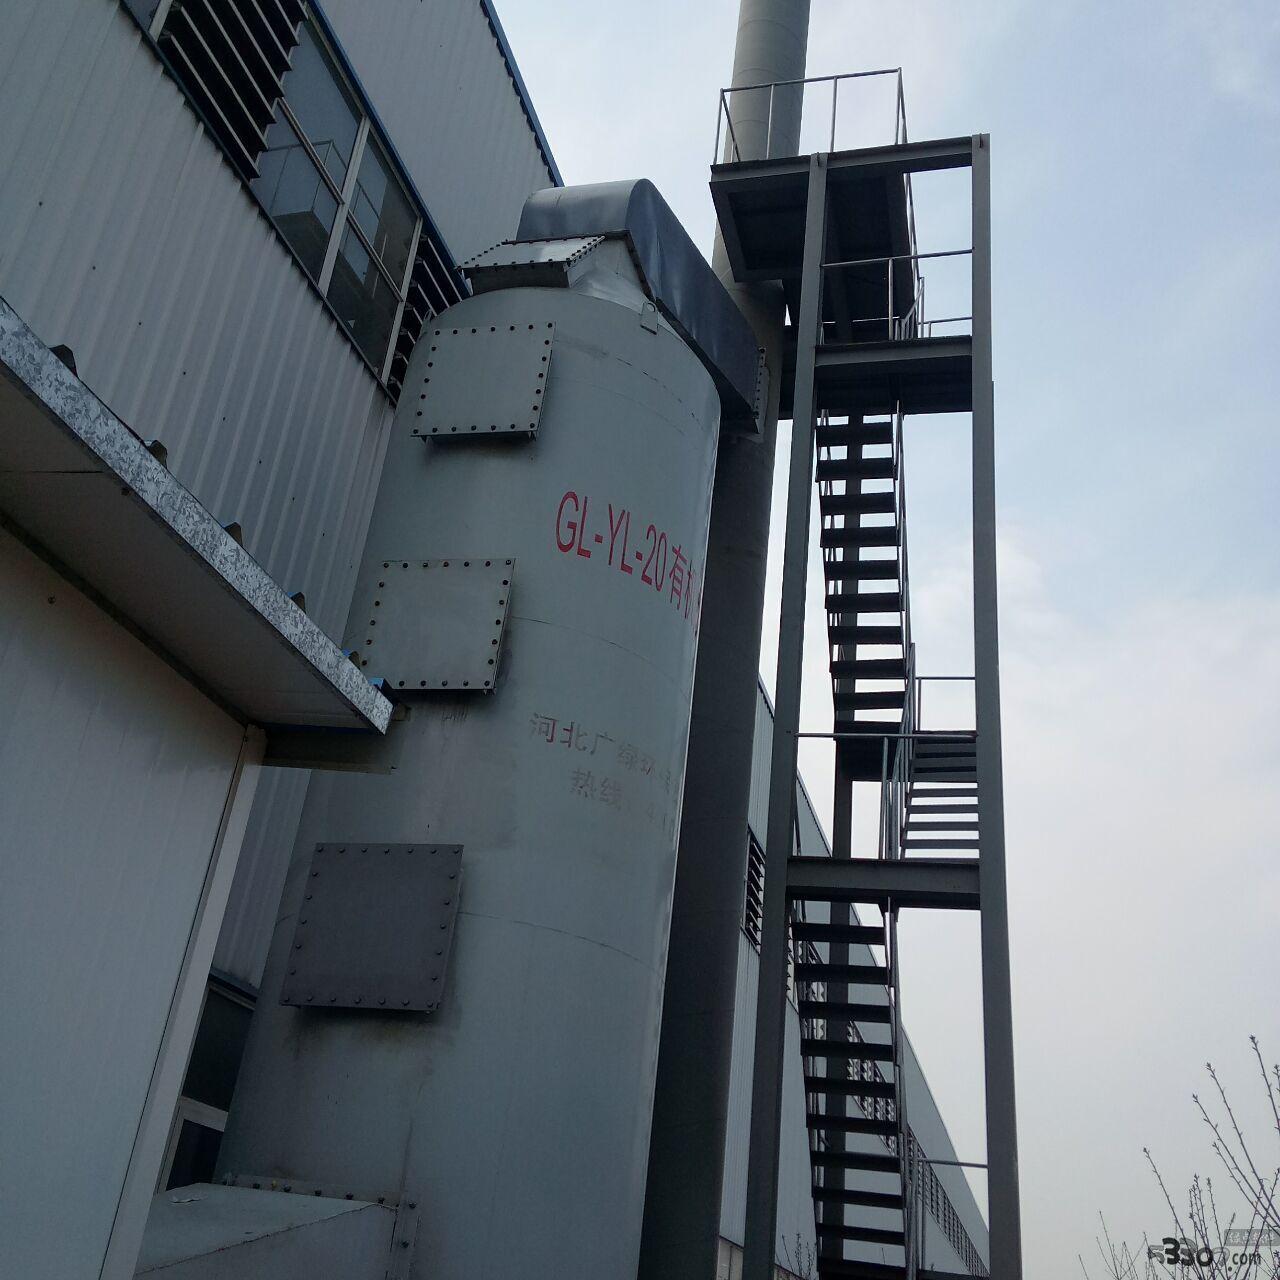 夏季工厂降温可以选择环保净化空调